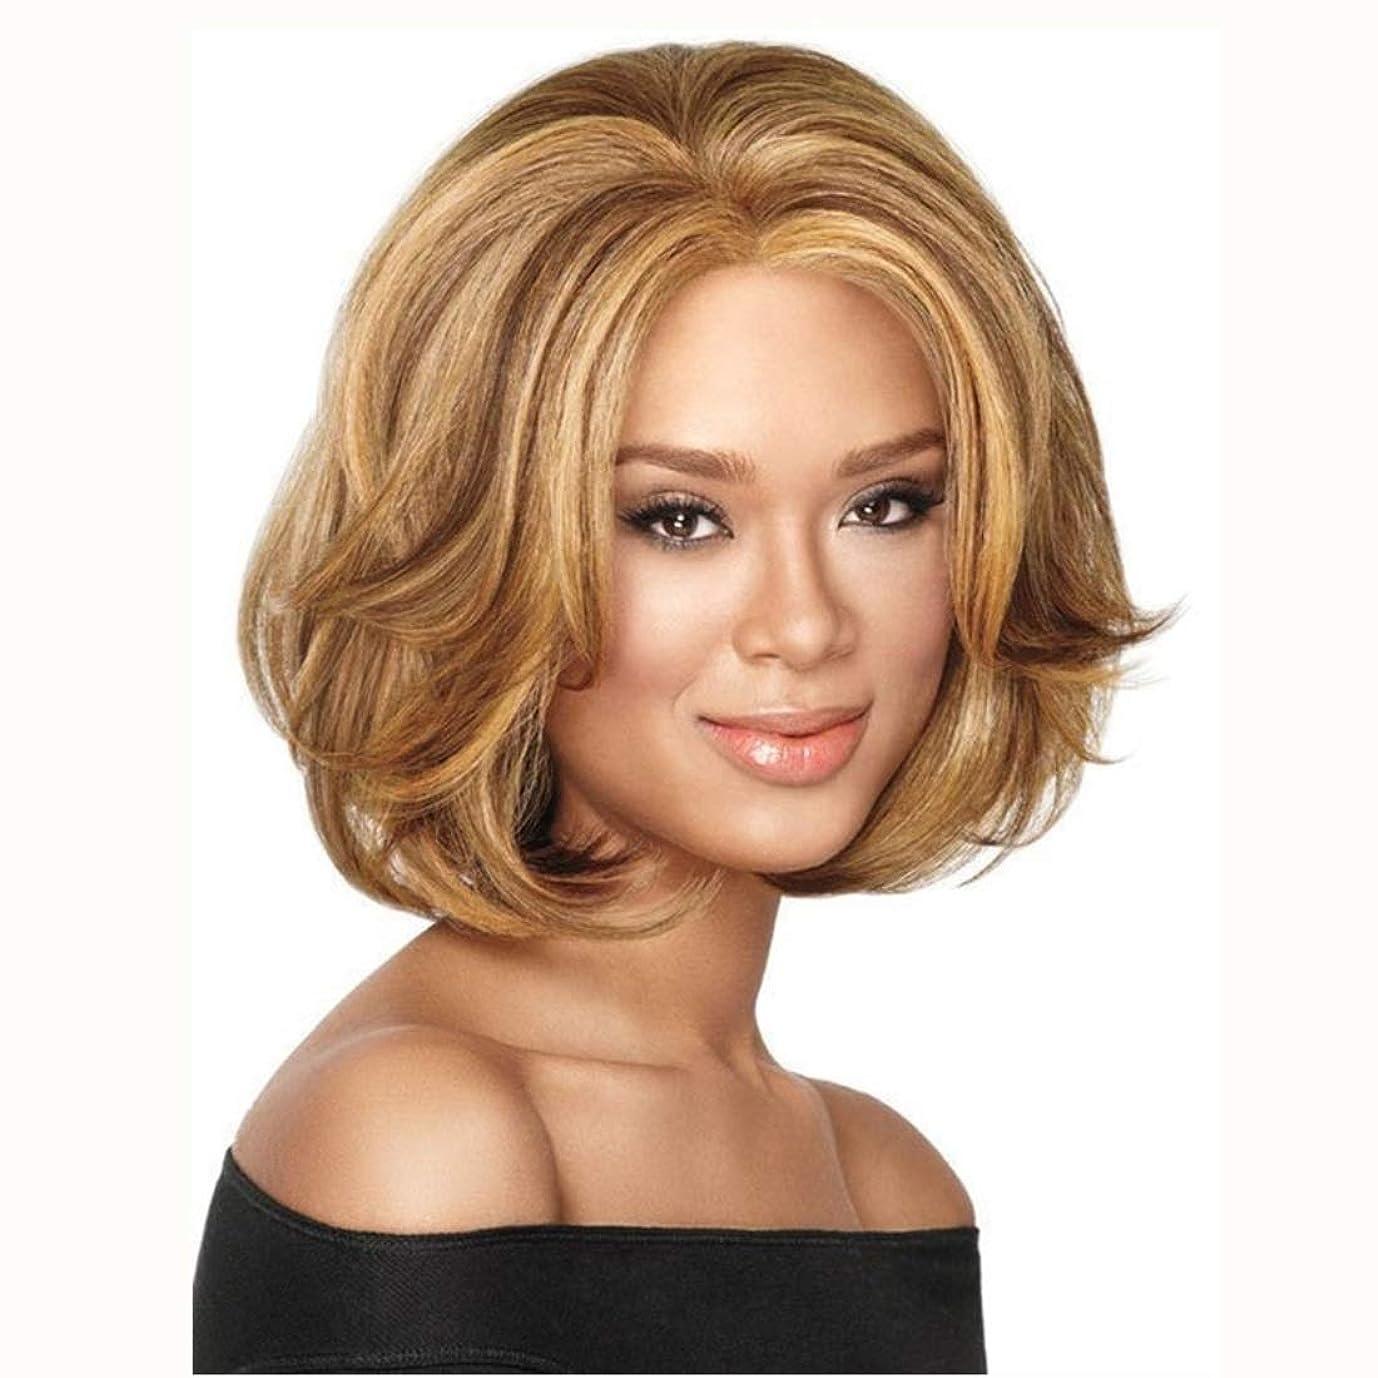 クラック差農村Summerys 短い髪ゴールデン巻き毛ふわふわ短い巻き毛ハイライトウィッグ女性用ヘッドギア